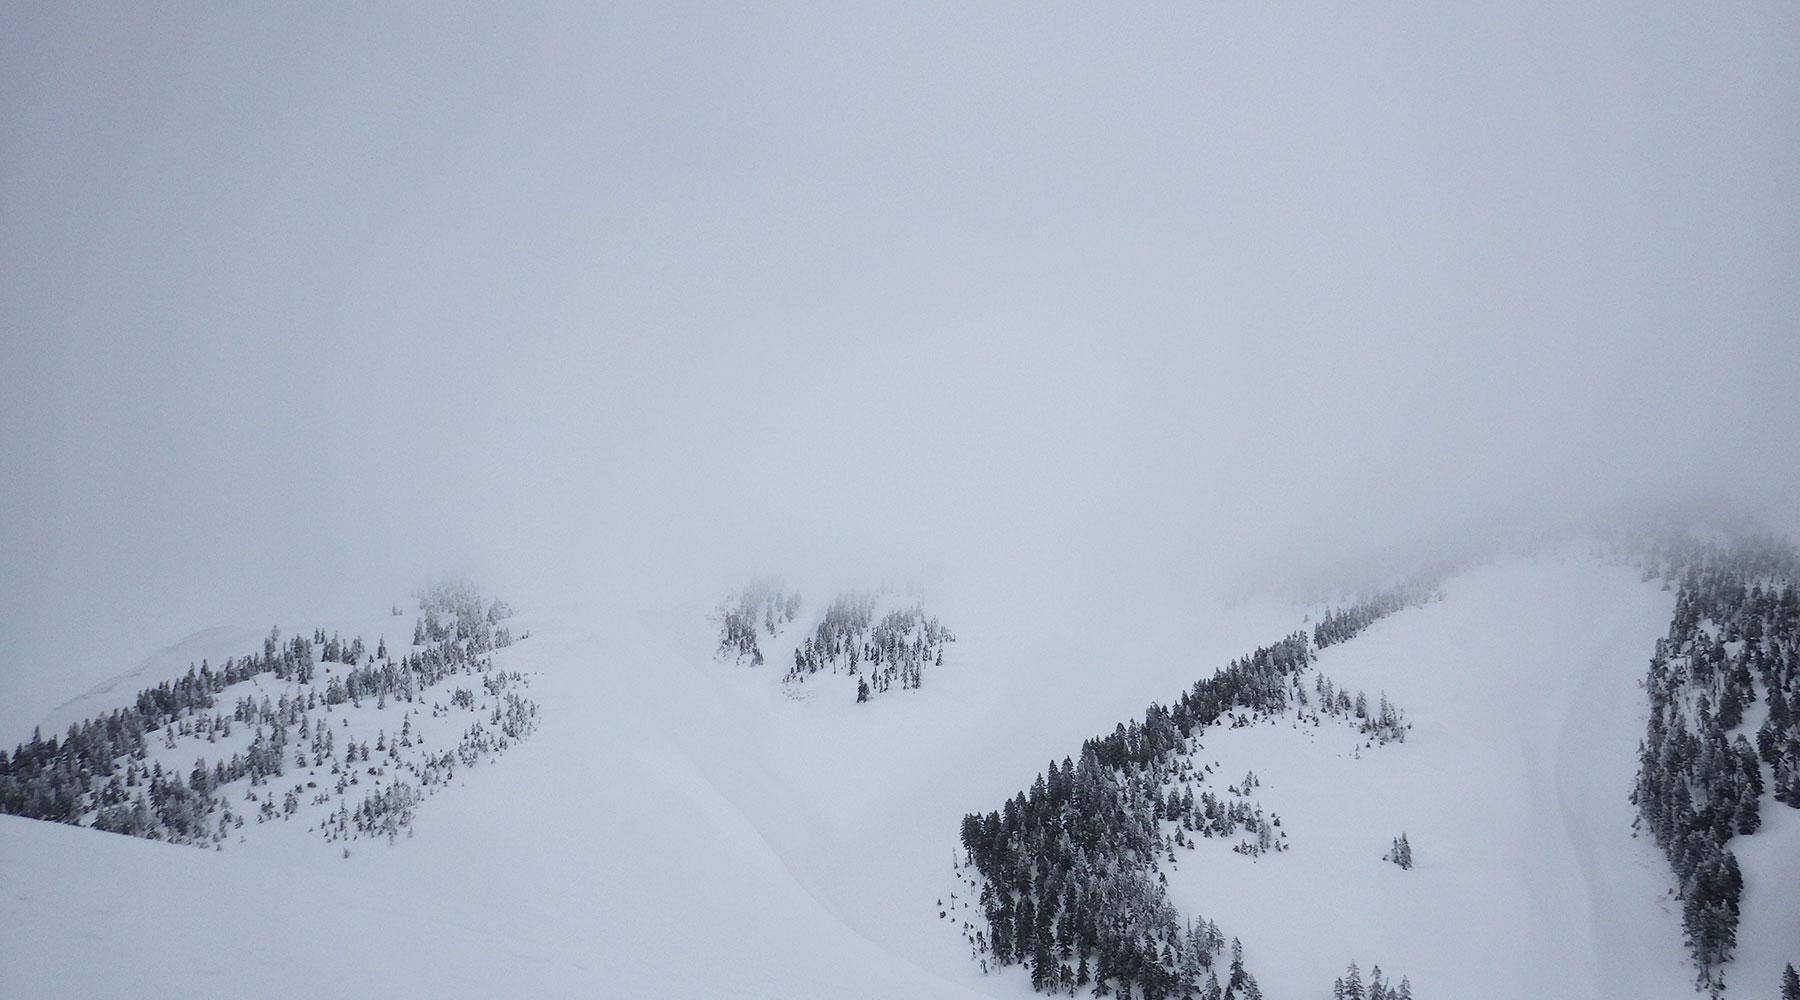 ニセ巻機山から見た巻機山山頂方面